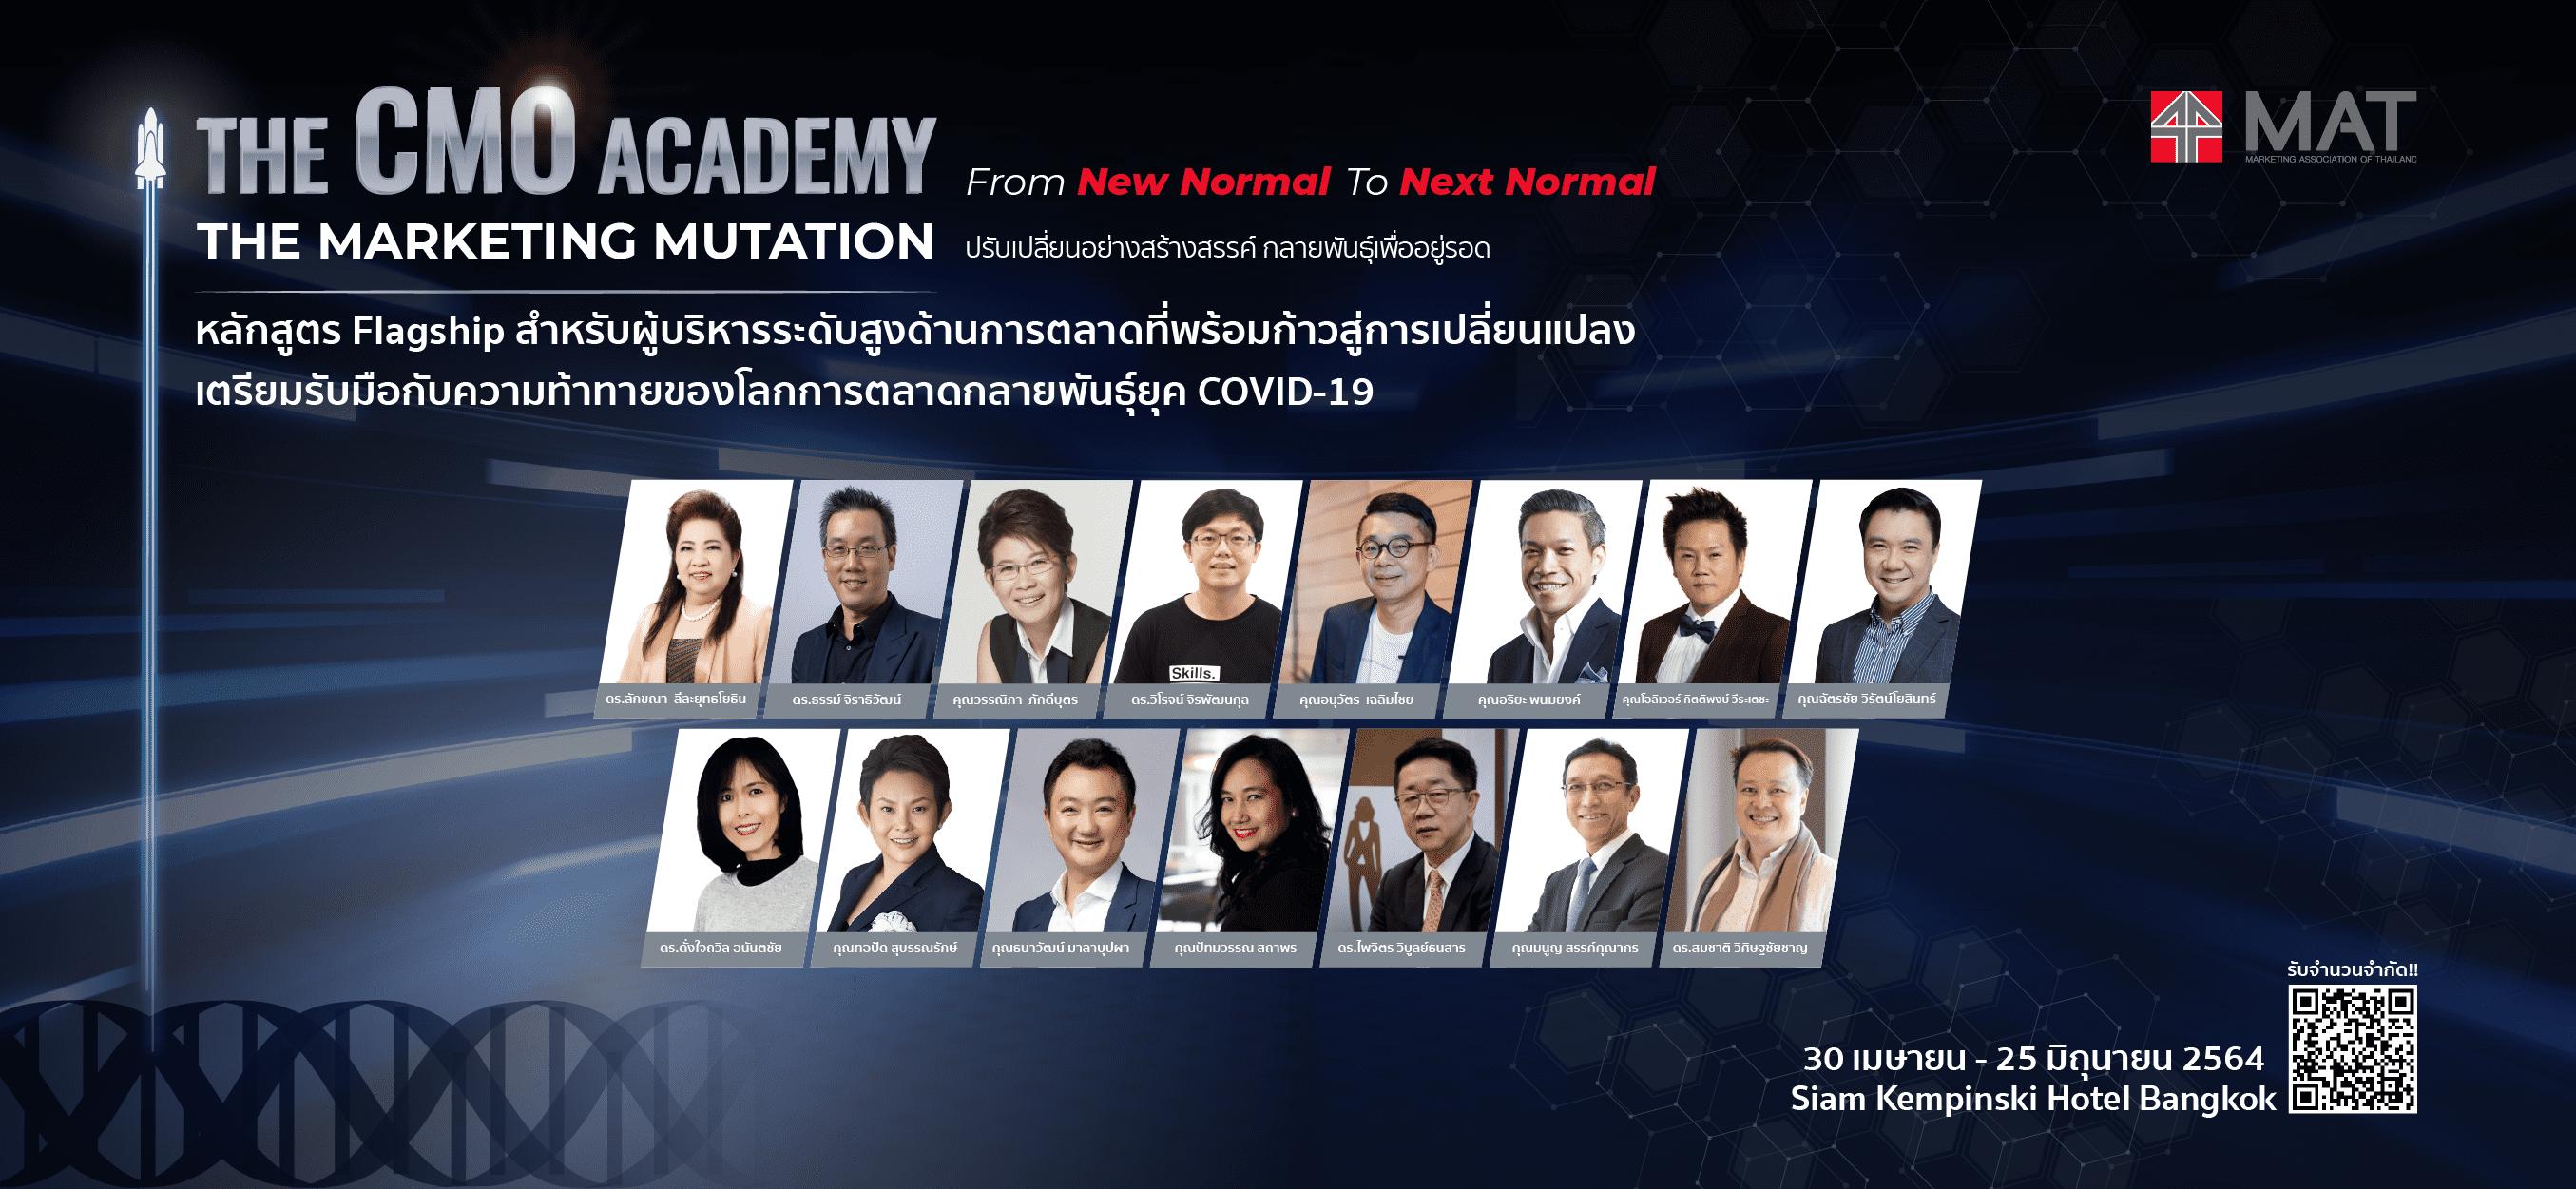 สมาคมการตลาดแห่งประเทศไทย เปิดหลักสูตร The CMO Academy รุ่นที่ 7